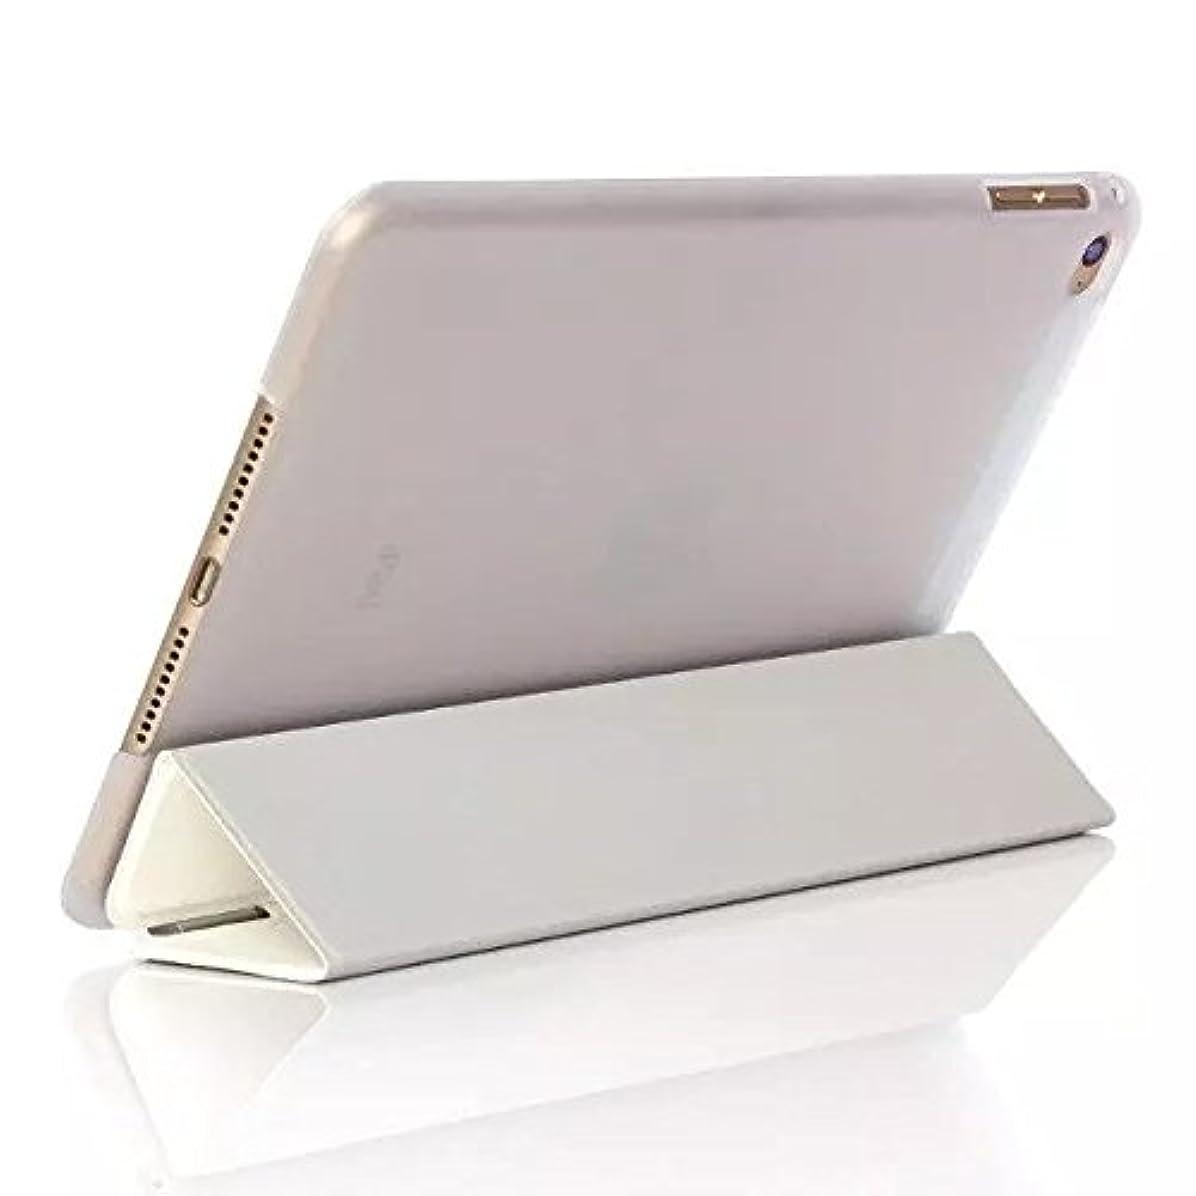 ヨーグルトアライメントシェフAsng iPad Mini4 超薄型 スタンド仕様 マグネット スマート式 レザー ケース カバー と半透明プラスティック製 バックケース (ホワイト)